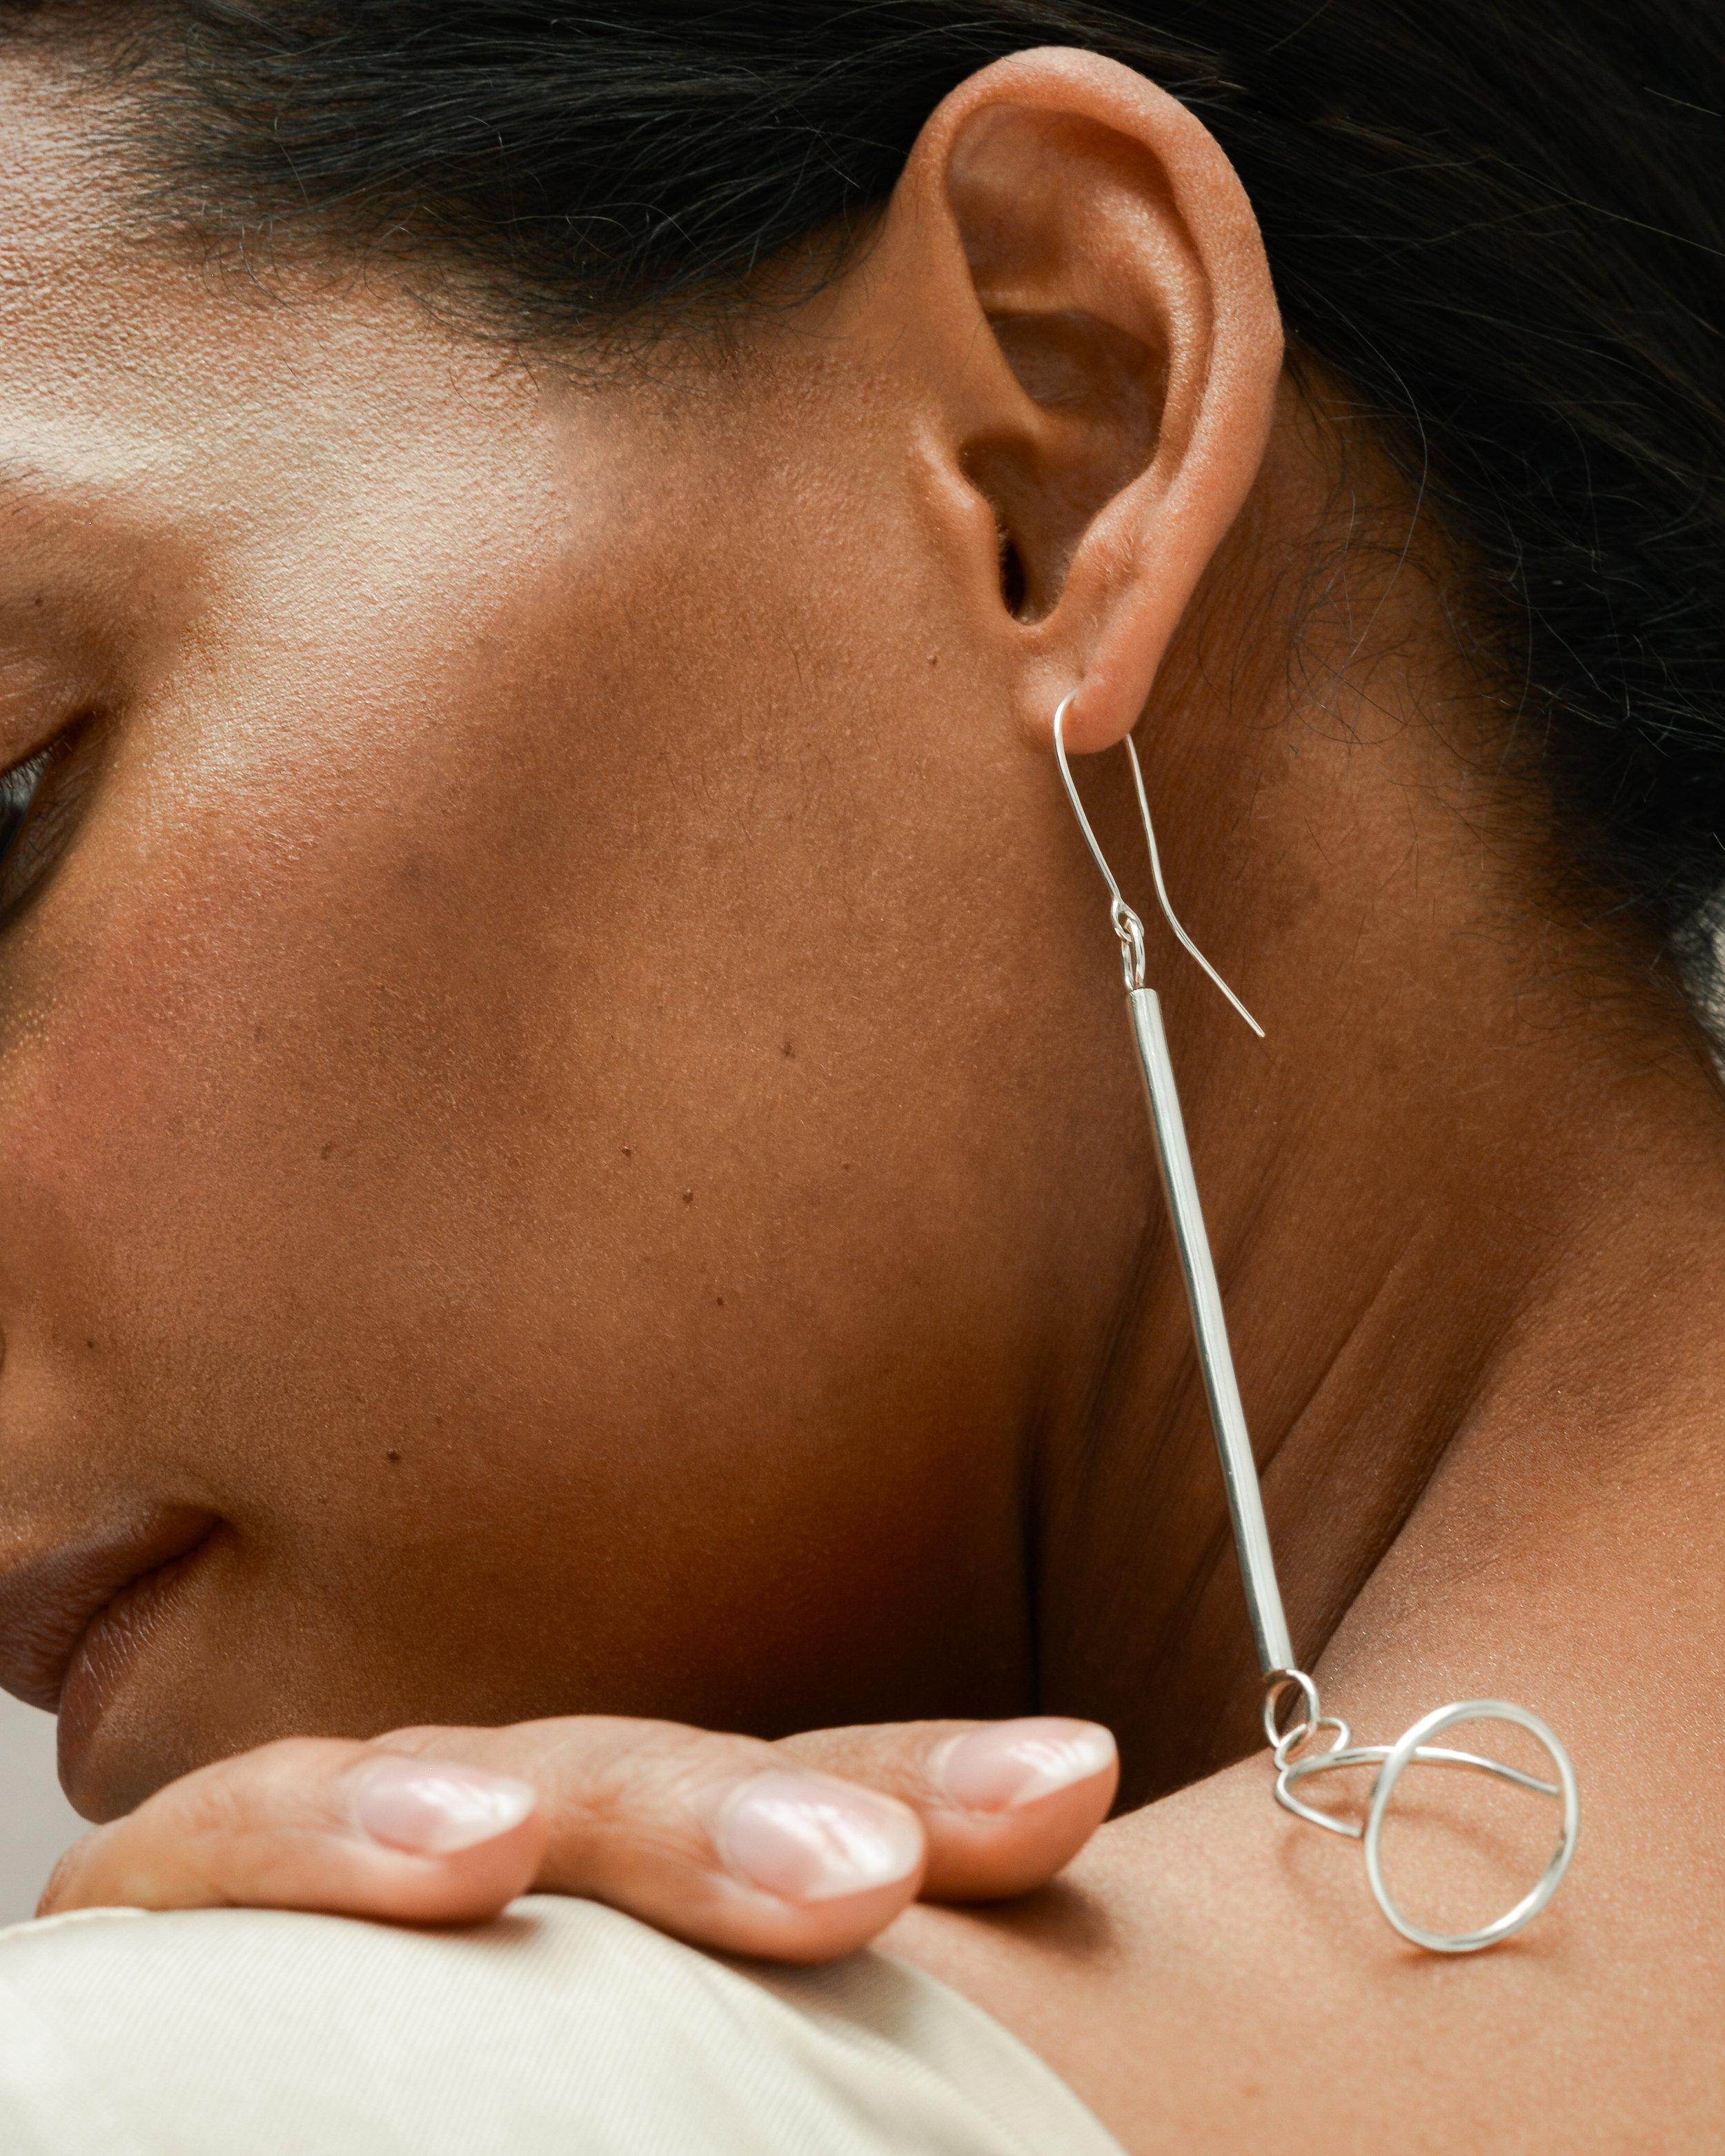 BELL DROP EARRINGS  in sterling silver Photography -  Stark Studio  Model -  Dieny Itoe  MUA -  Shaun Lavender